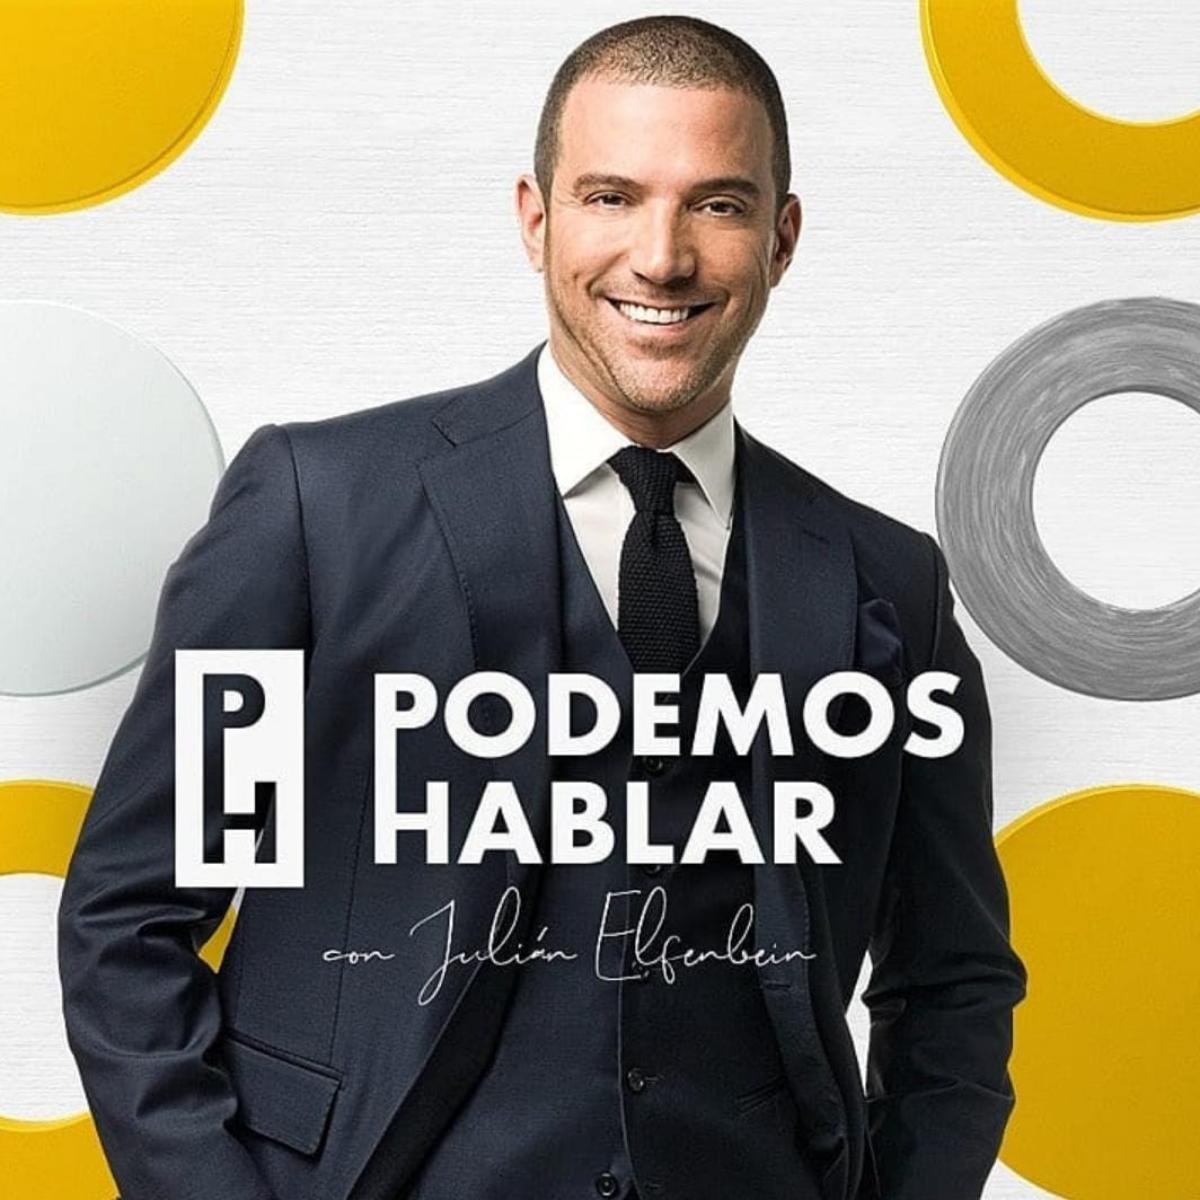 Invitados Podemos Hablar (1)